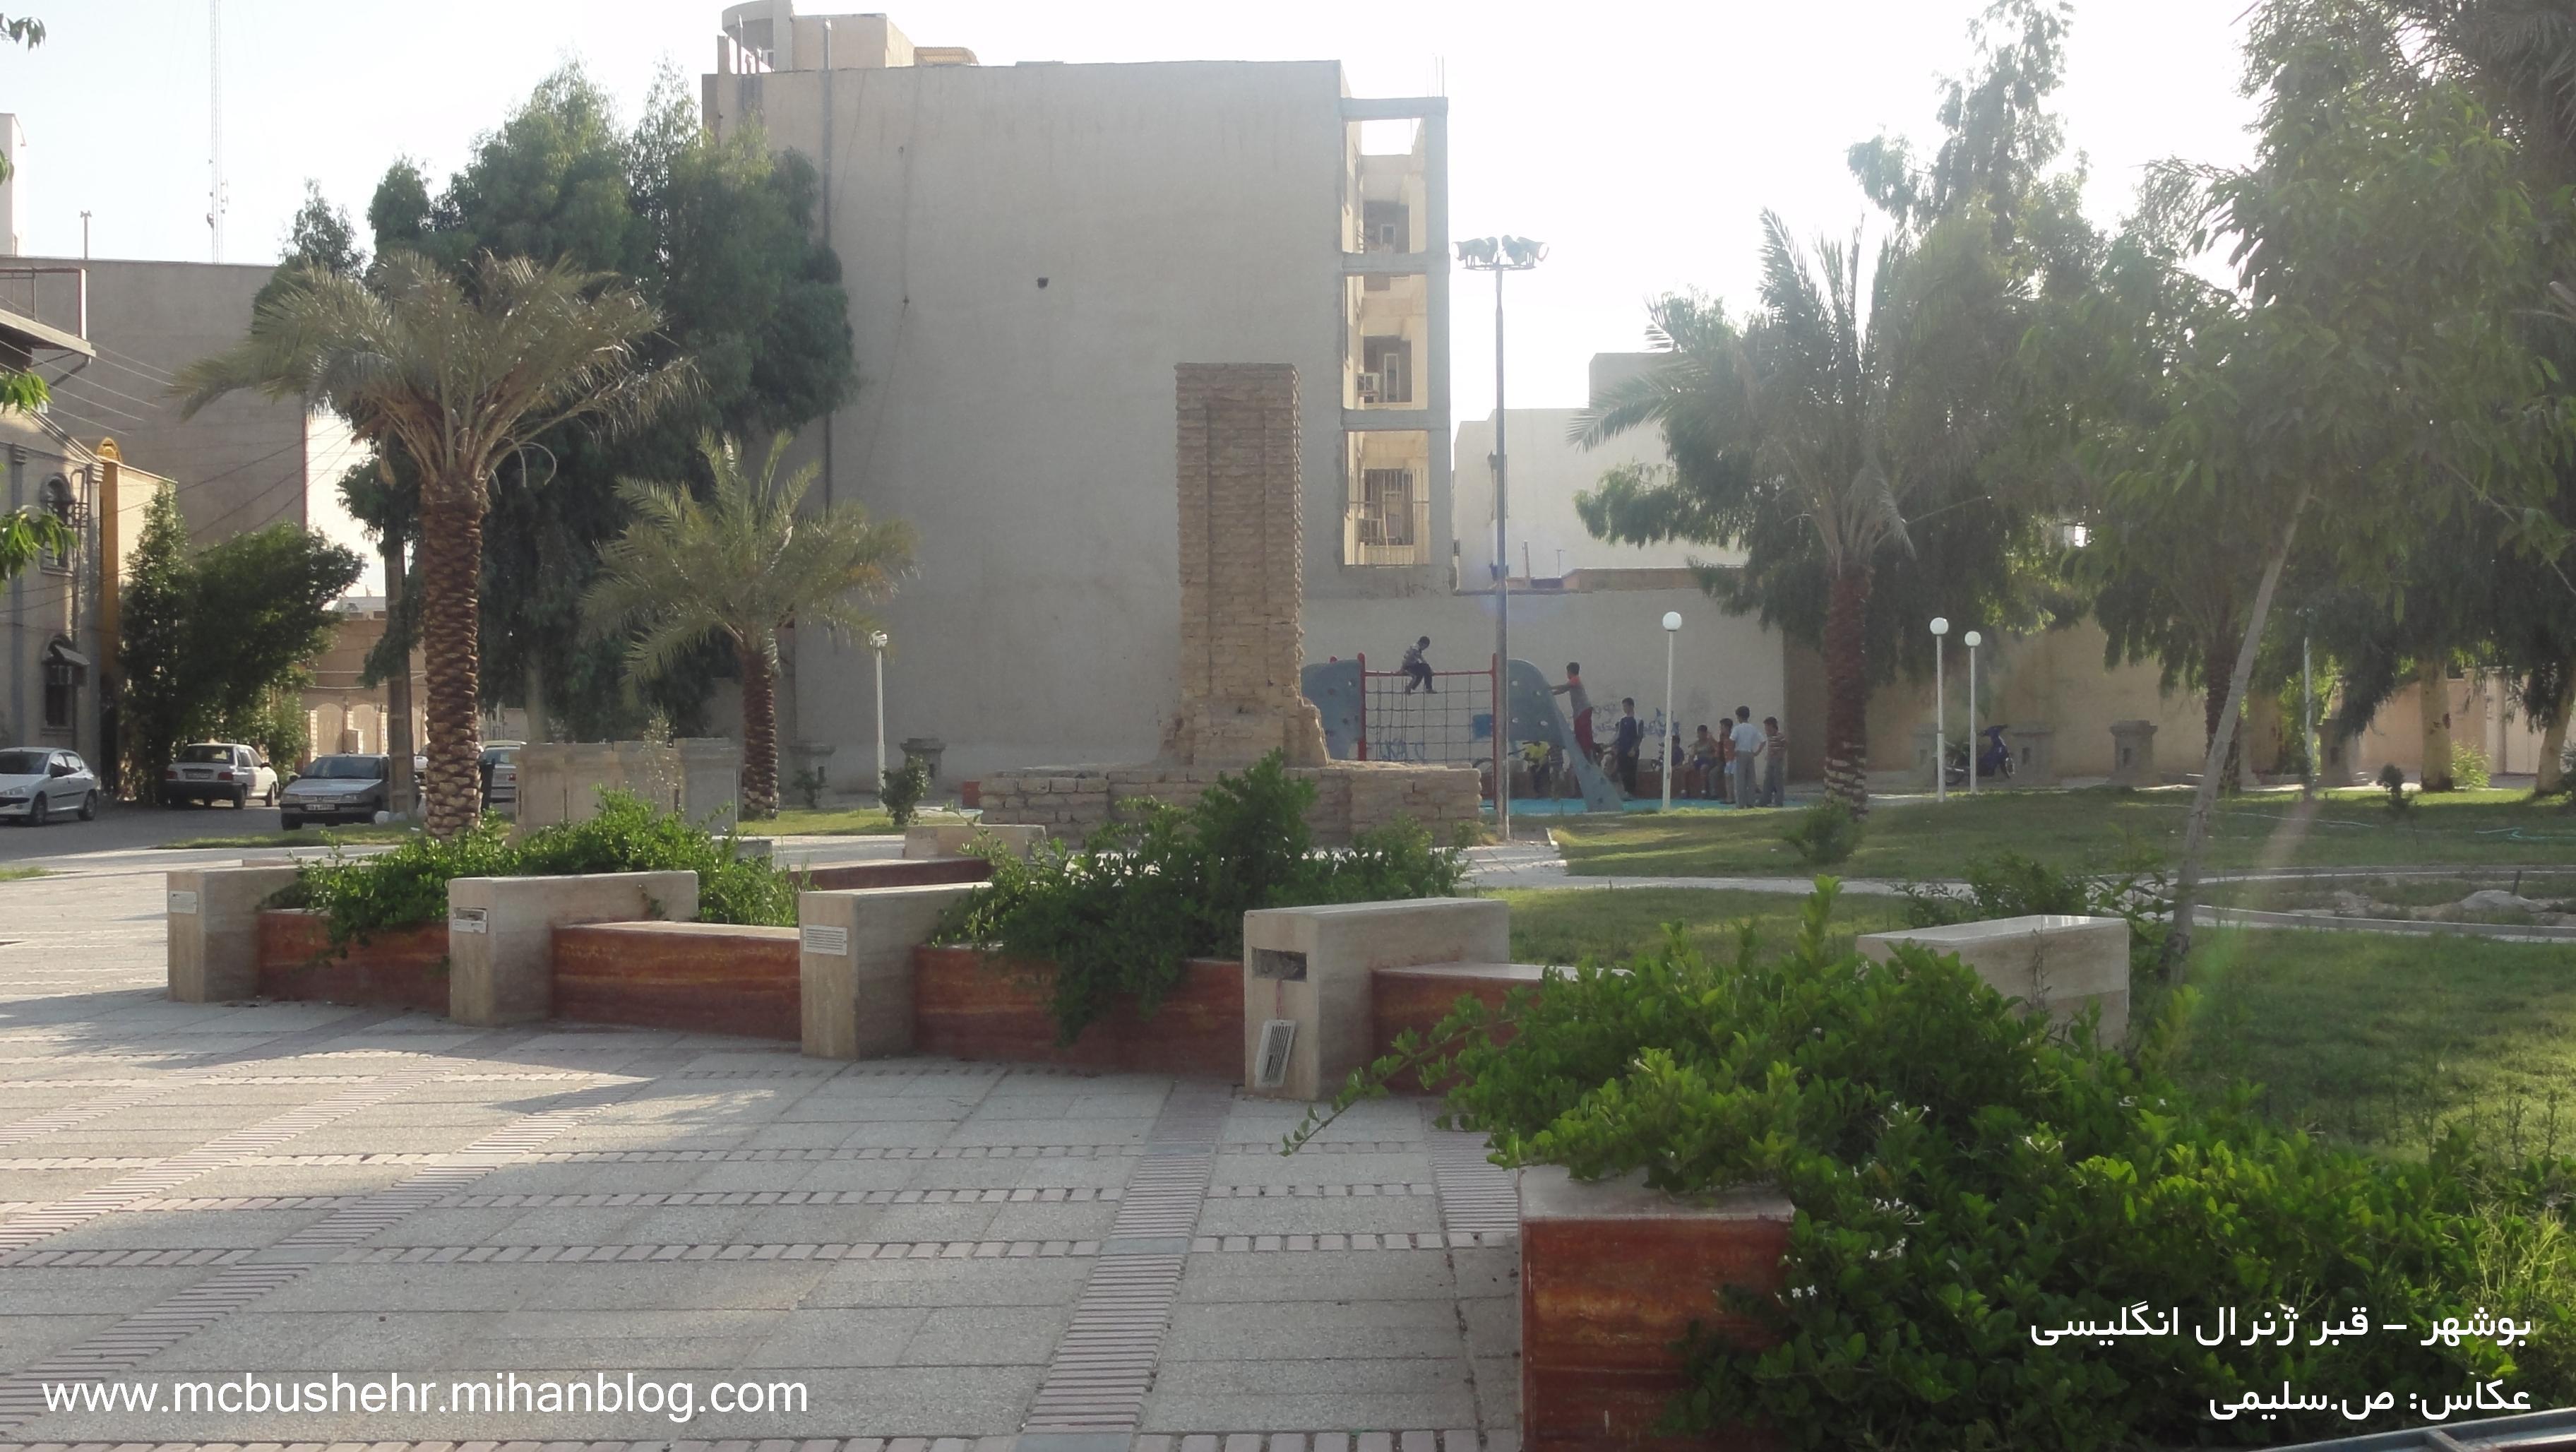 بوشهر - قبر زنرال انگلیسی www.mcbushehr.mihanblog.com